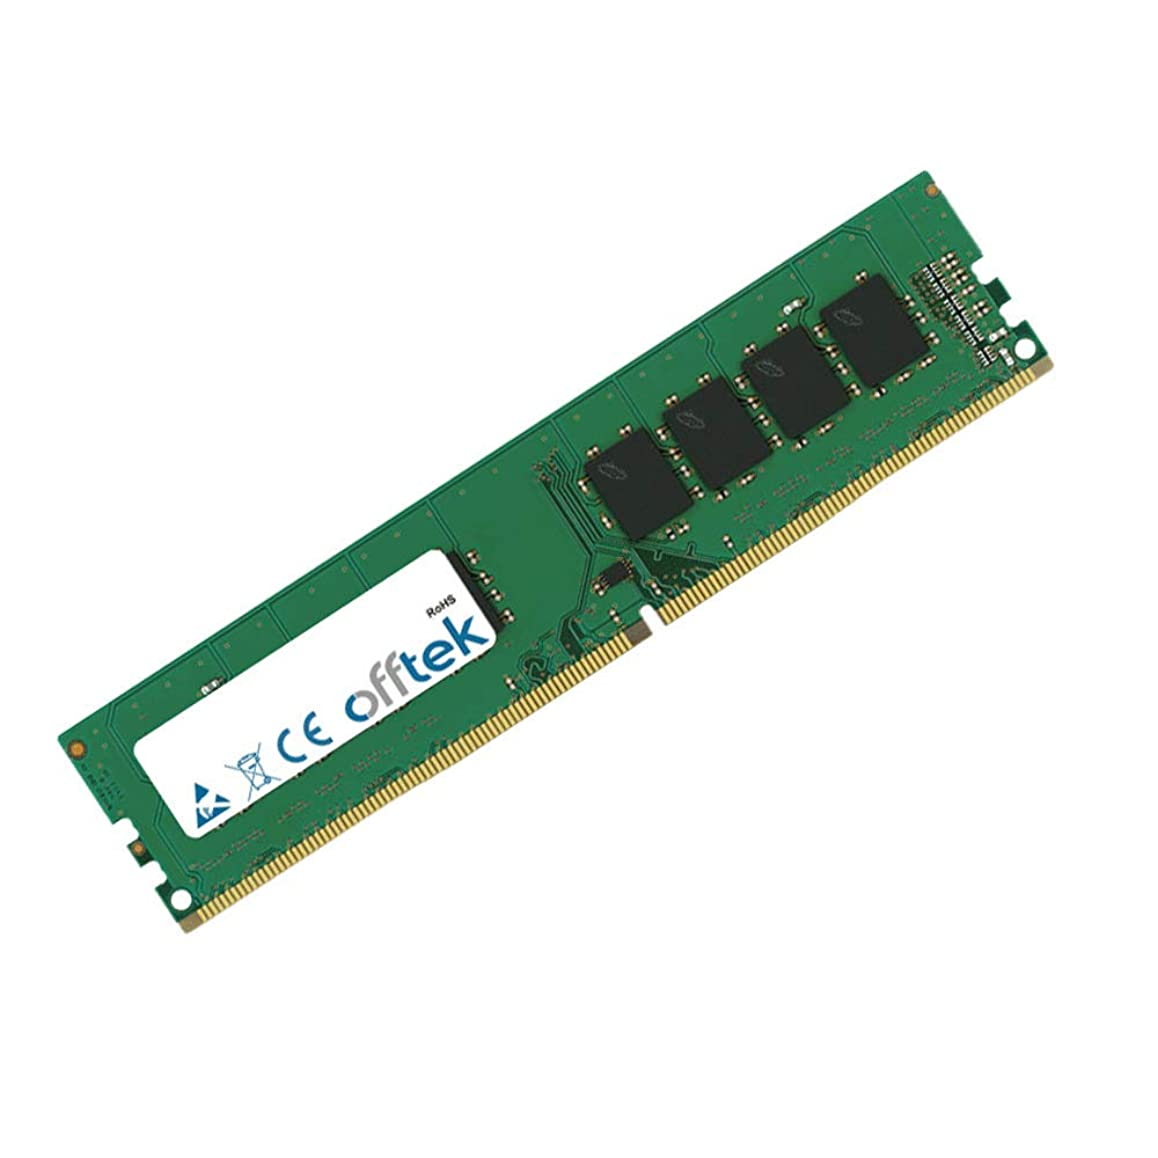 ファウル遺伝子周波数HP-Compaq Omen 870-213nf用メモリRAMアップグレード 16GB Module - DDR4-17000 (PC4-2133) 1676987-HP-16384